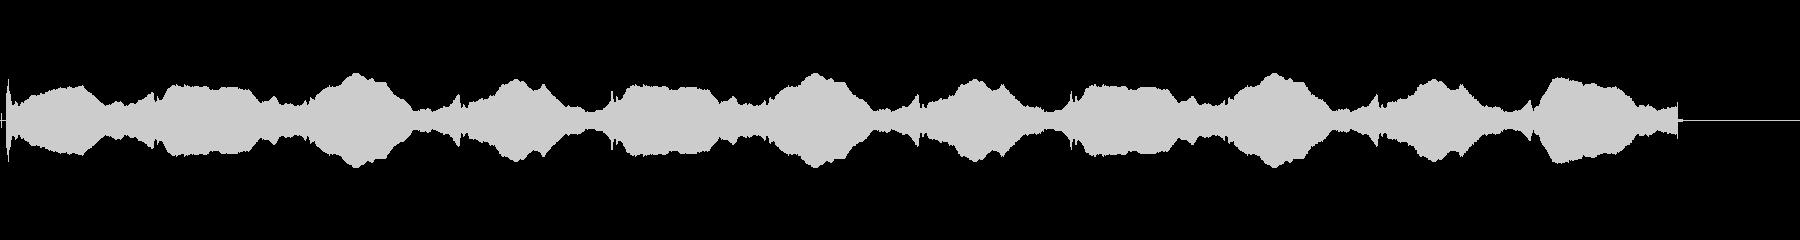 ワイルサイレンサイレンの未再生の波形